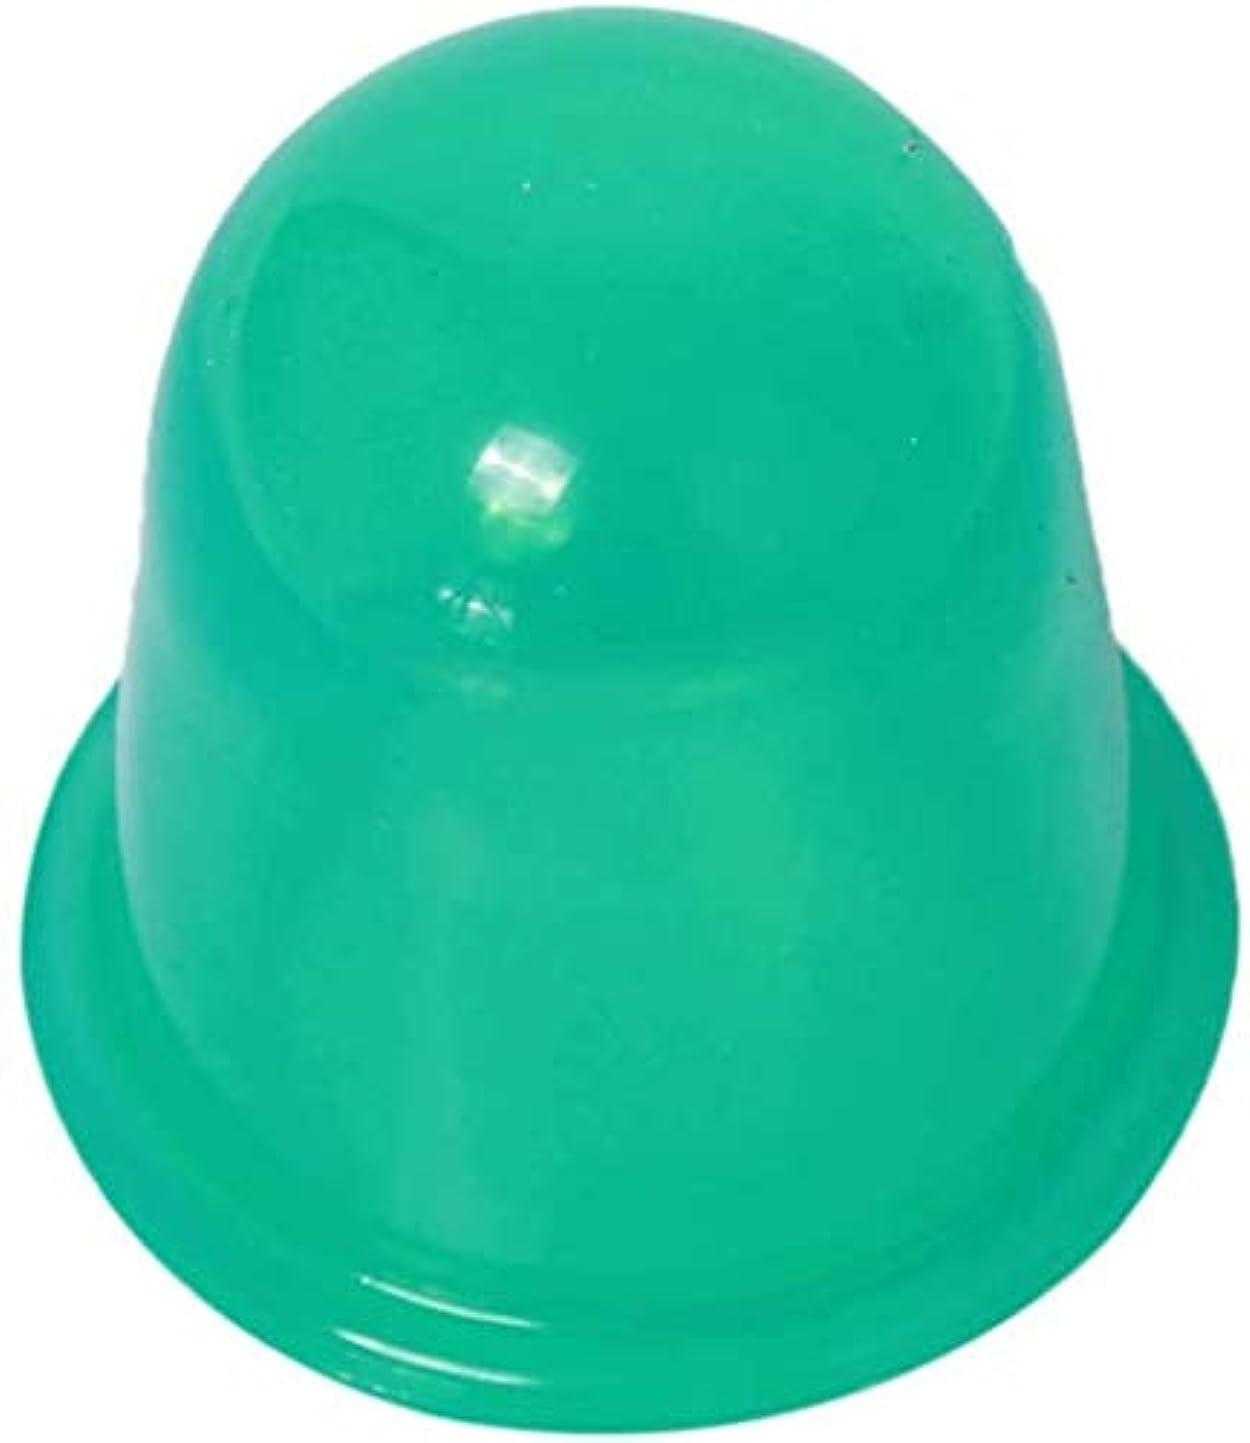 デモンストレーション近所の鮫シリコーンカップ、浚渫経絡をカッピングカッピングデバイス、シリコンカッピングデバイス、バキューム、痛みを緩和し、血液循環を促進 (Color : 緑, Size : 2pcs)